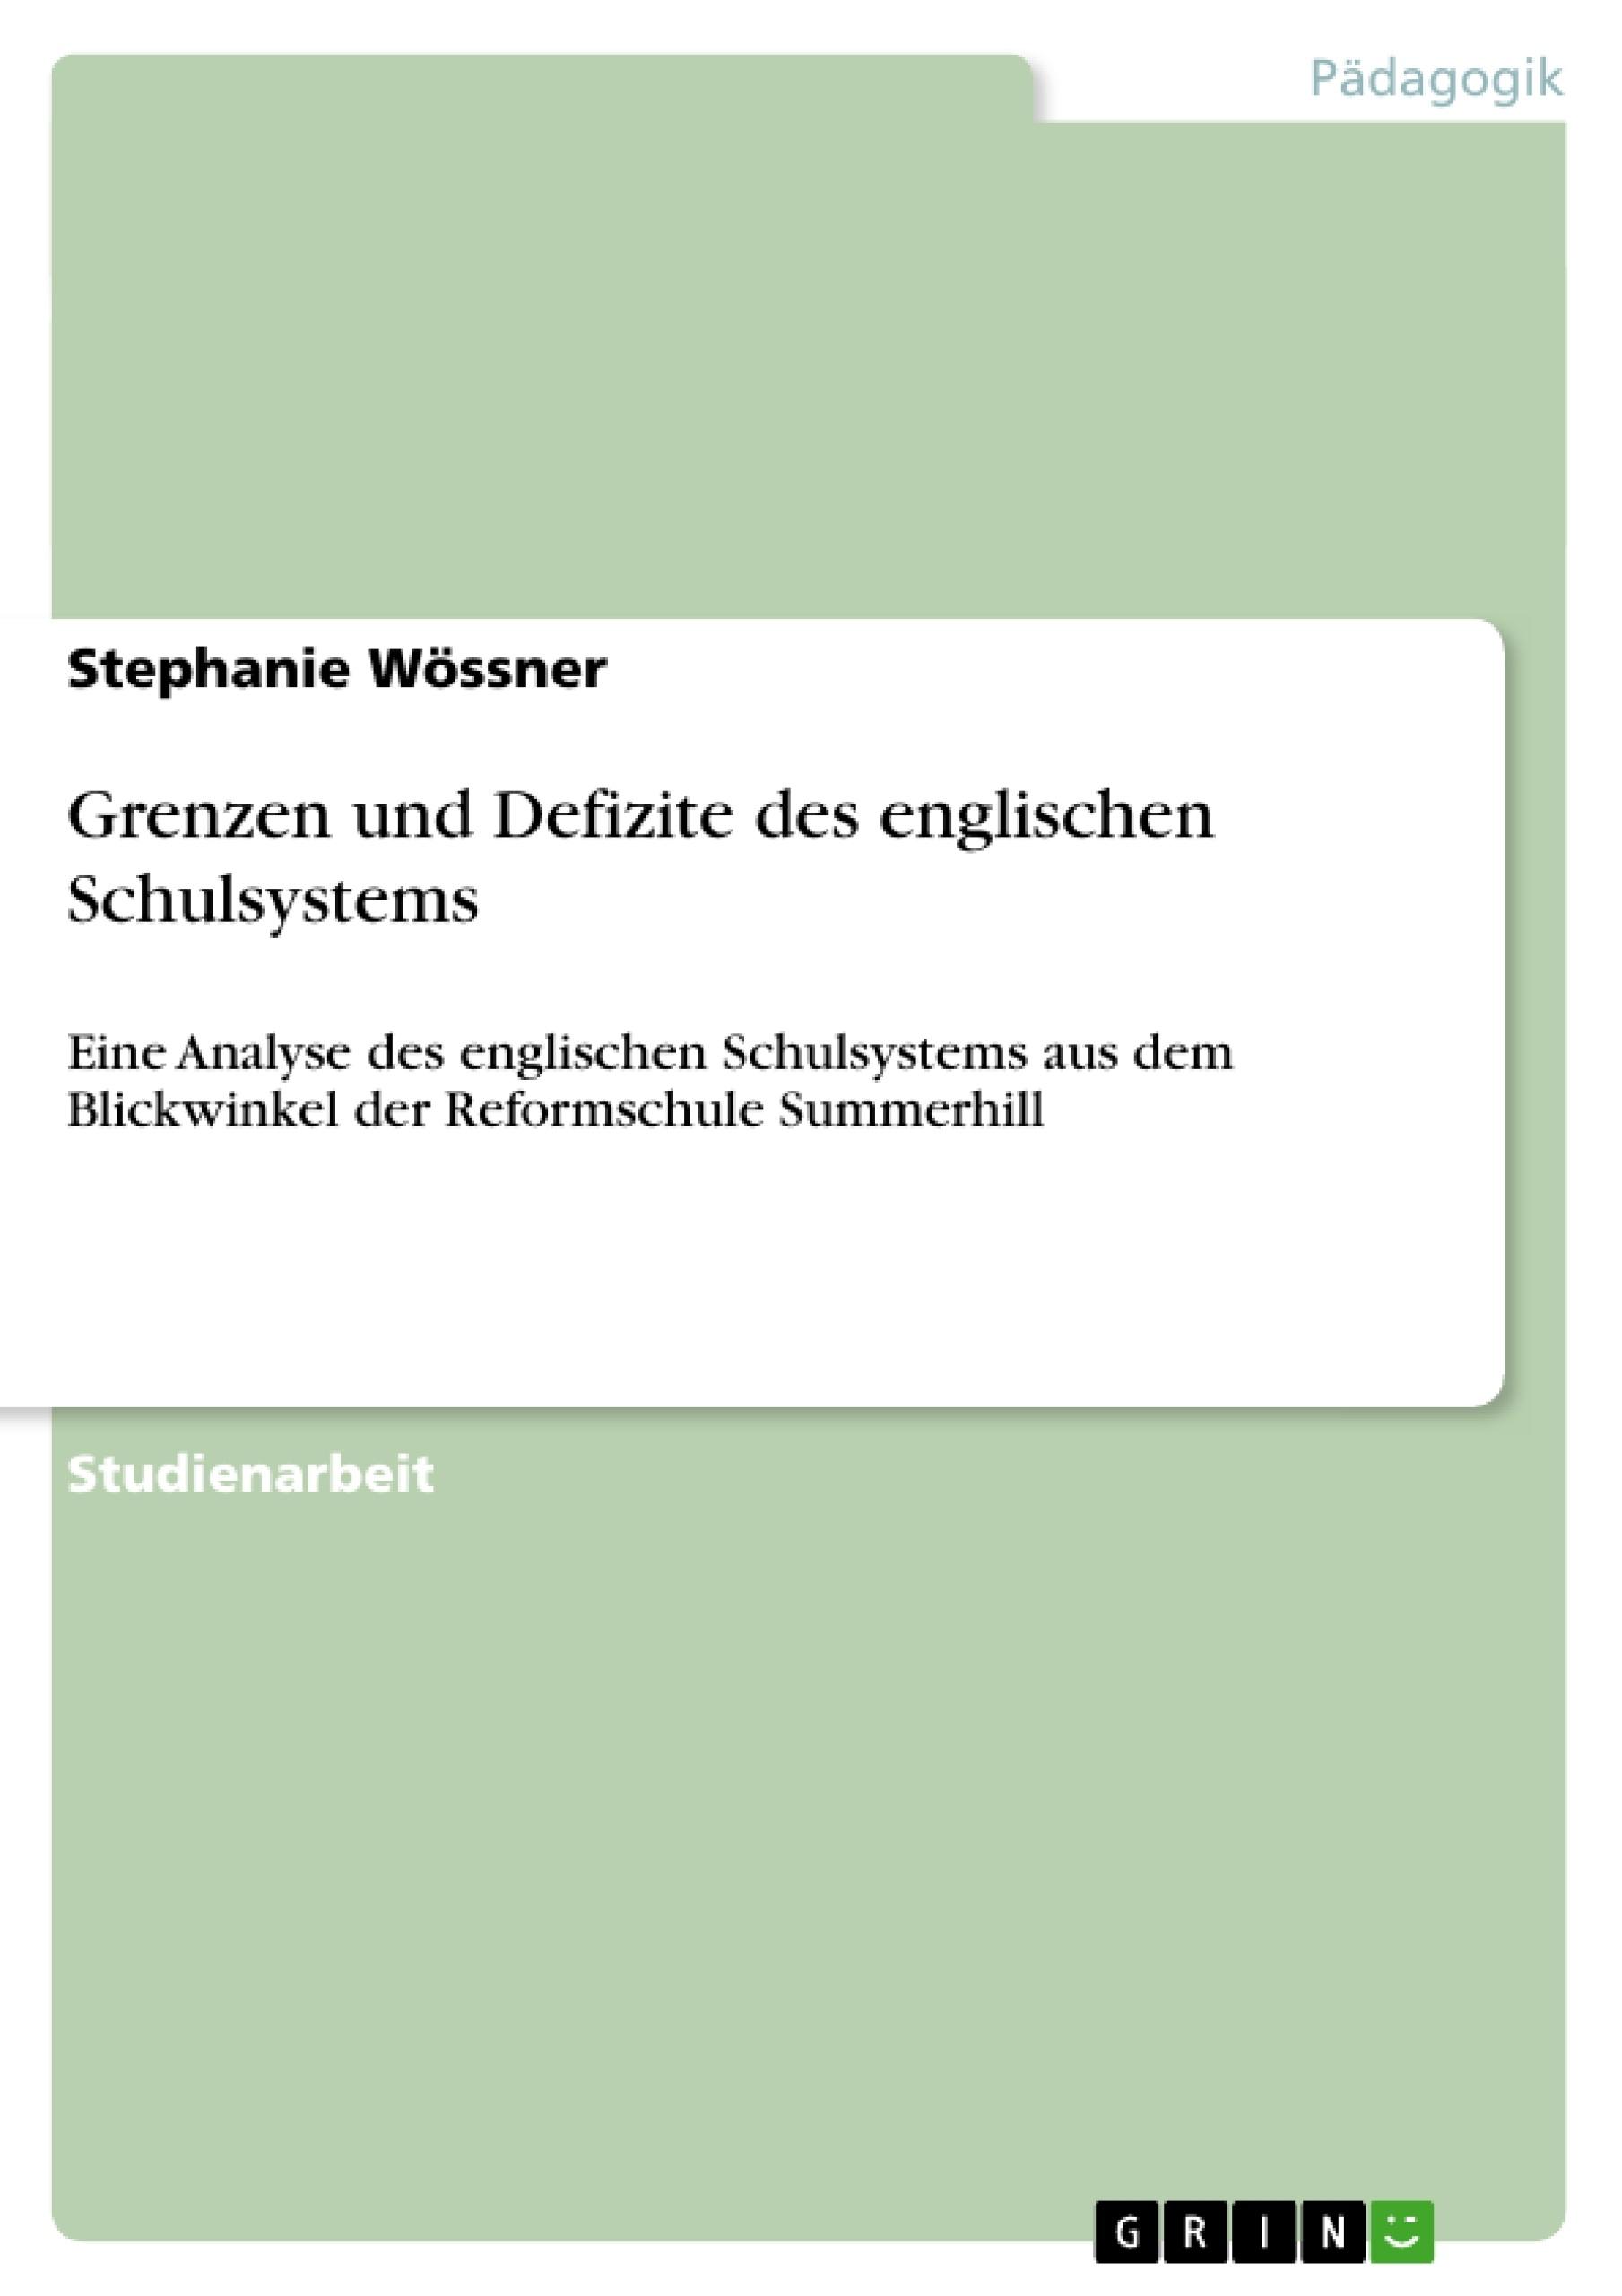 Titel: Grenzen und Defizite des englischen Schulsystems